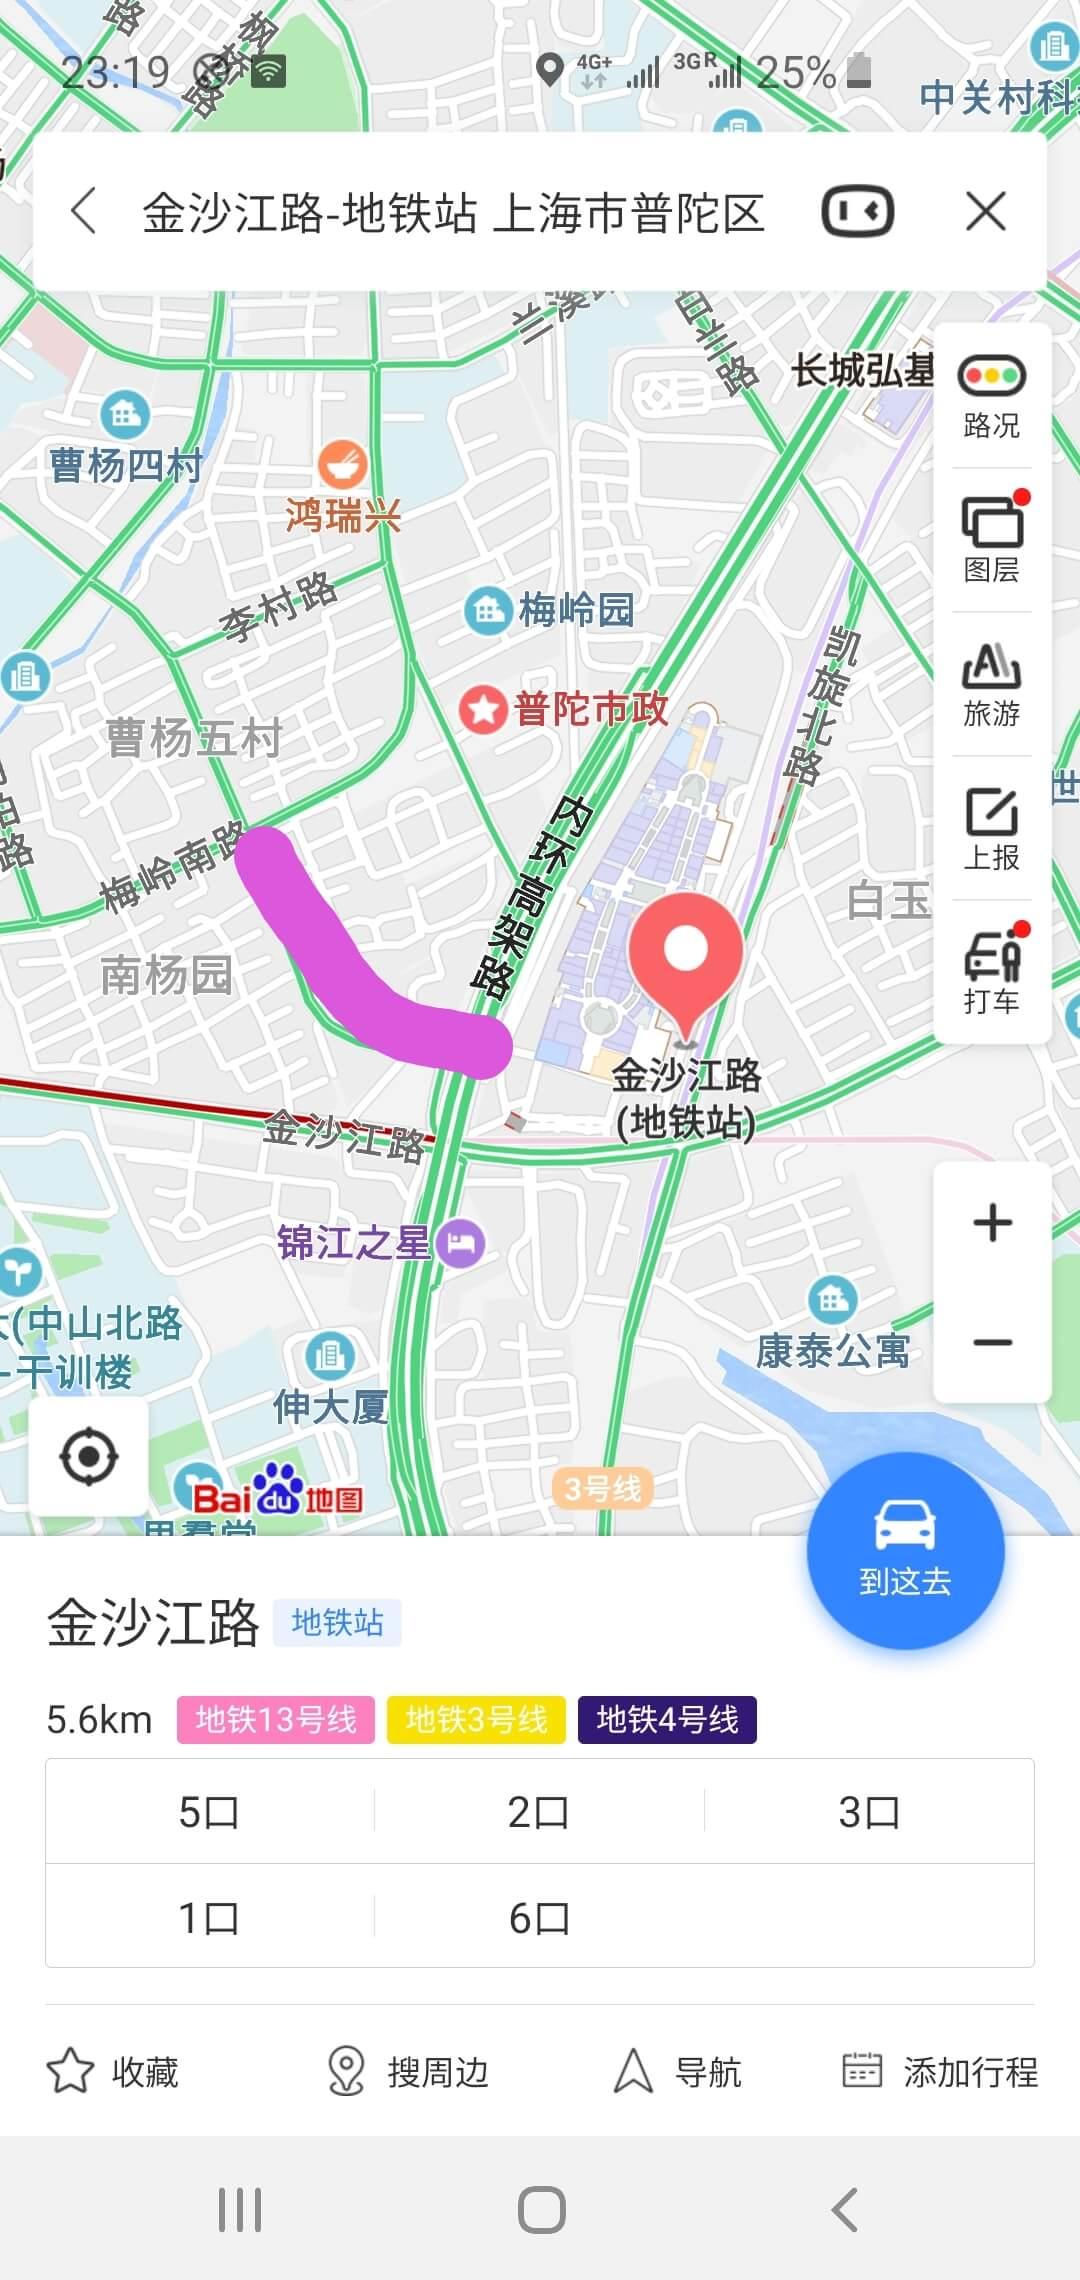 上海「置屋」の最新情報2019秋国慶節 参考画像